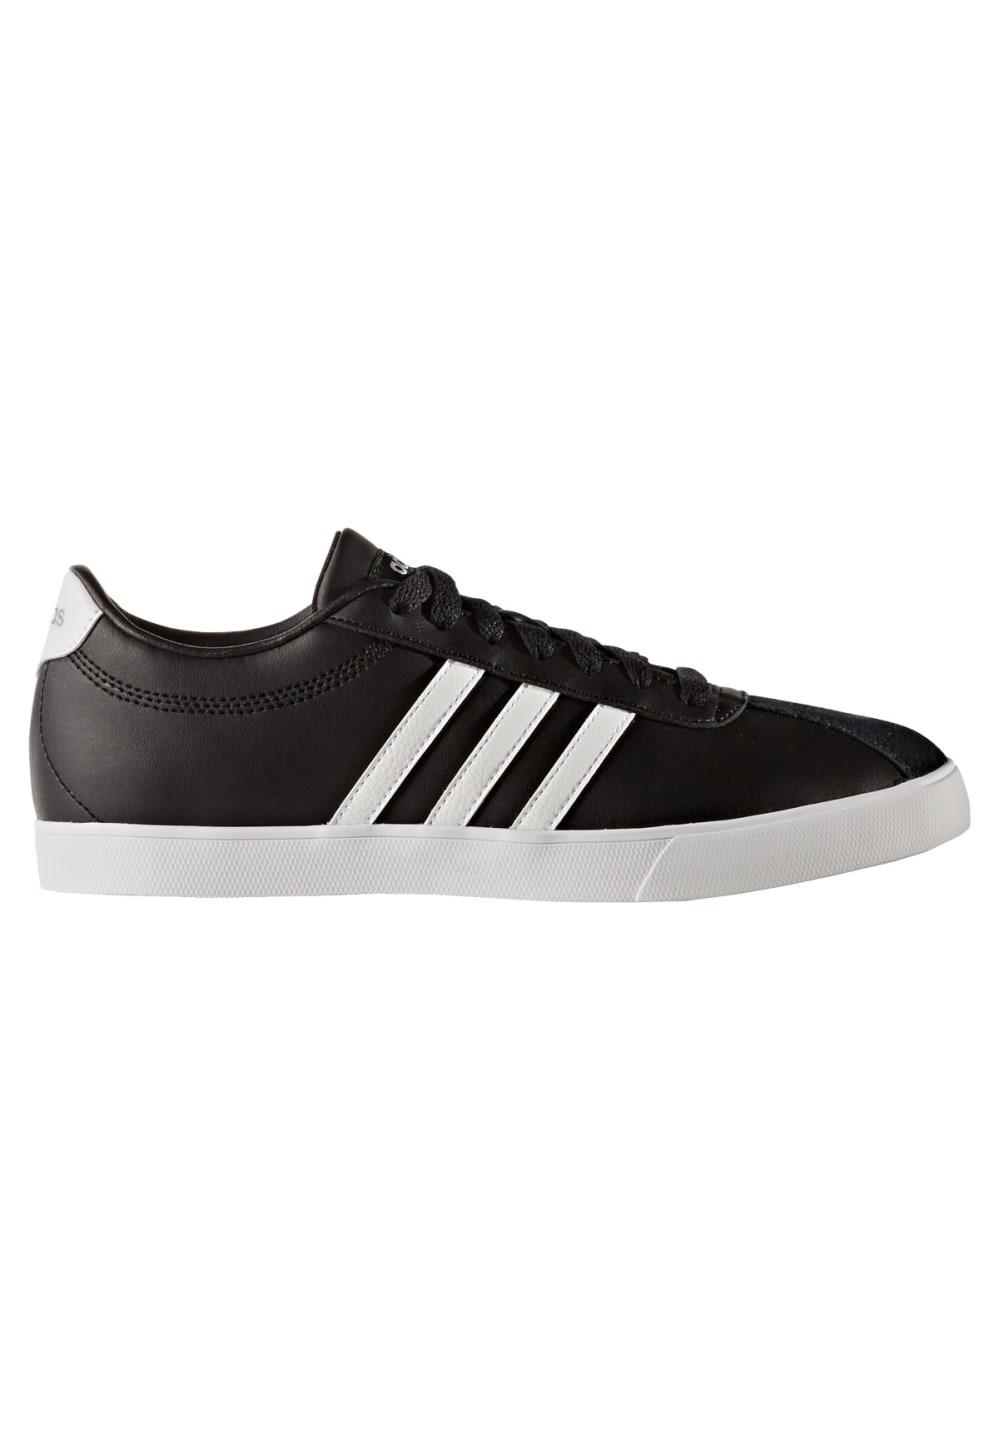 adidas neo Courtset - Sneaker für Damen - Schwarz